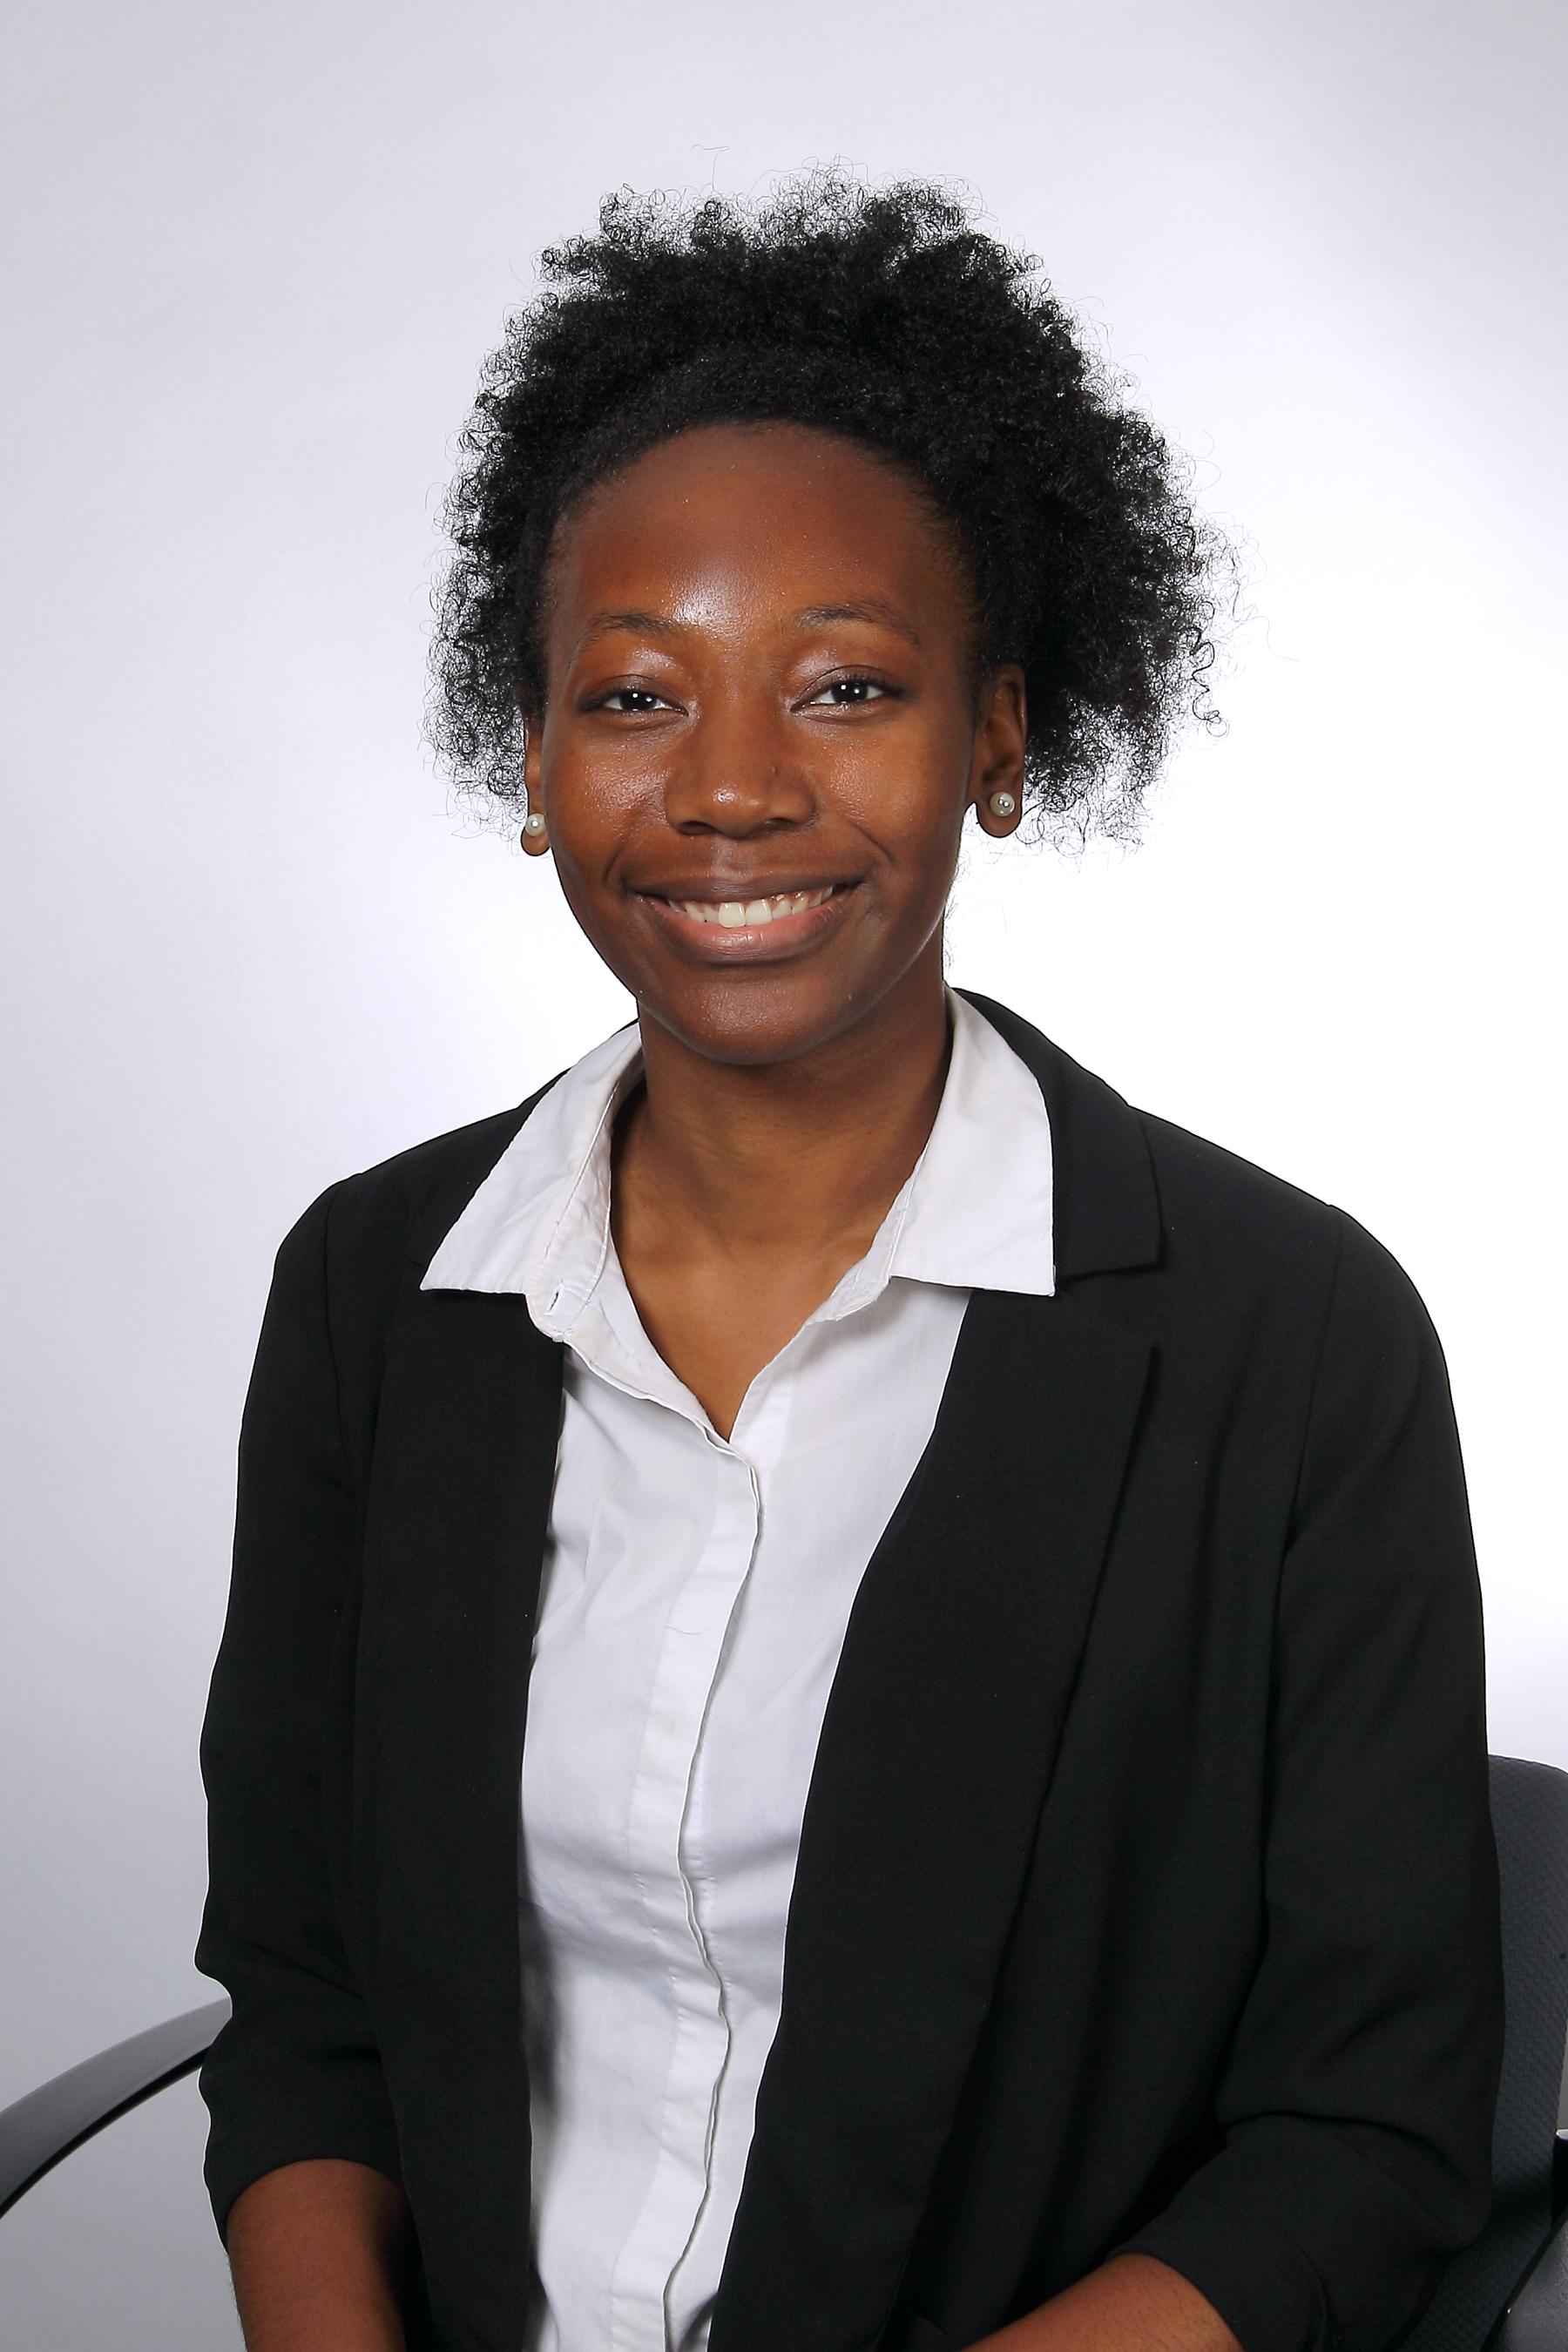 Courtney Swain, MS-1